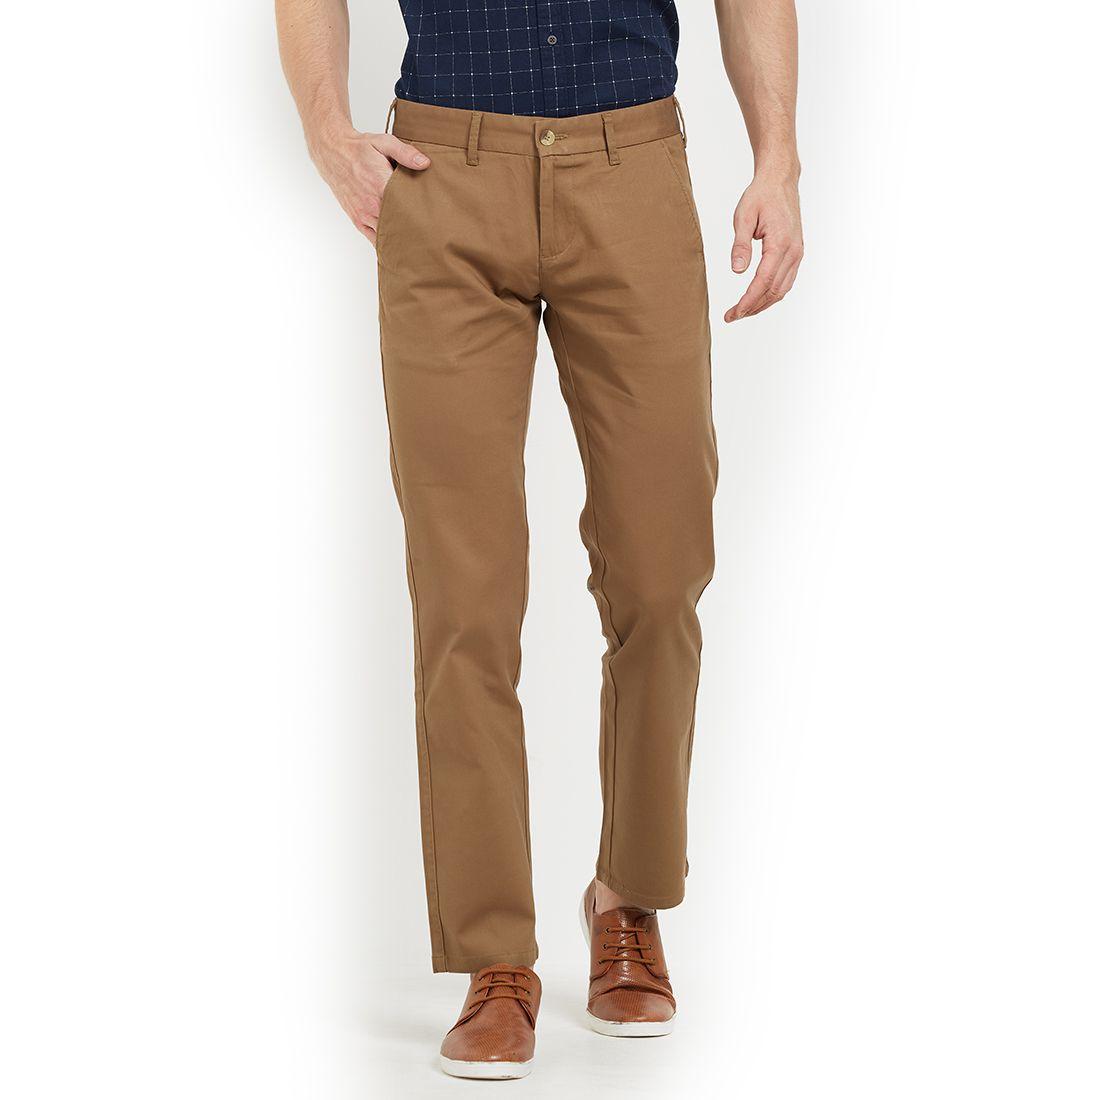 EASIES by KILLER Beige Regular -Fit Flat Trousers